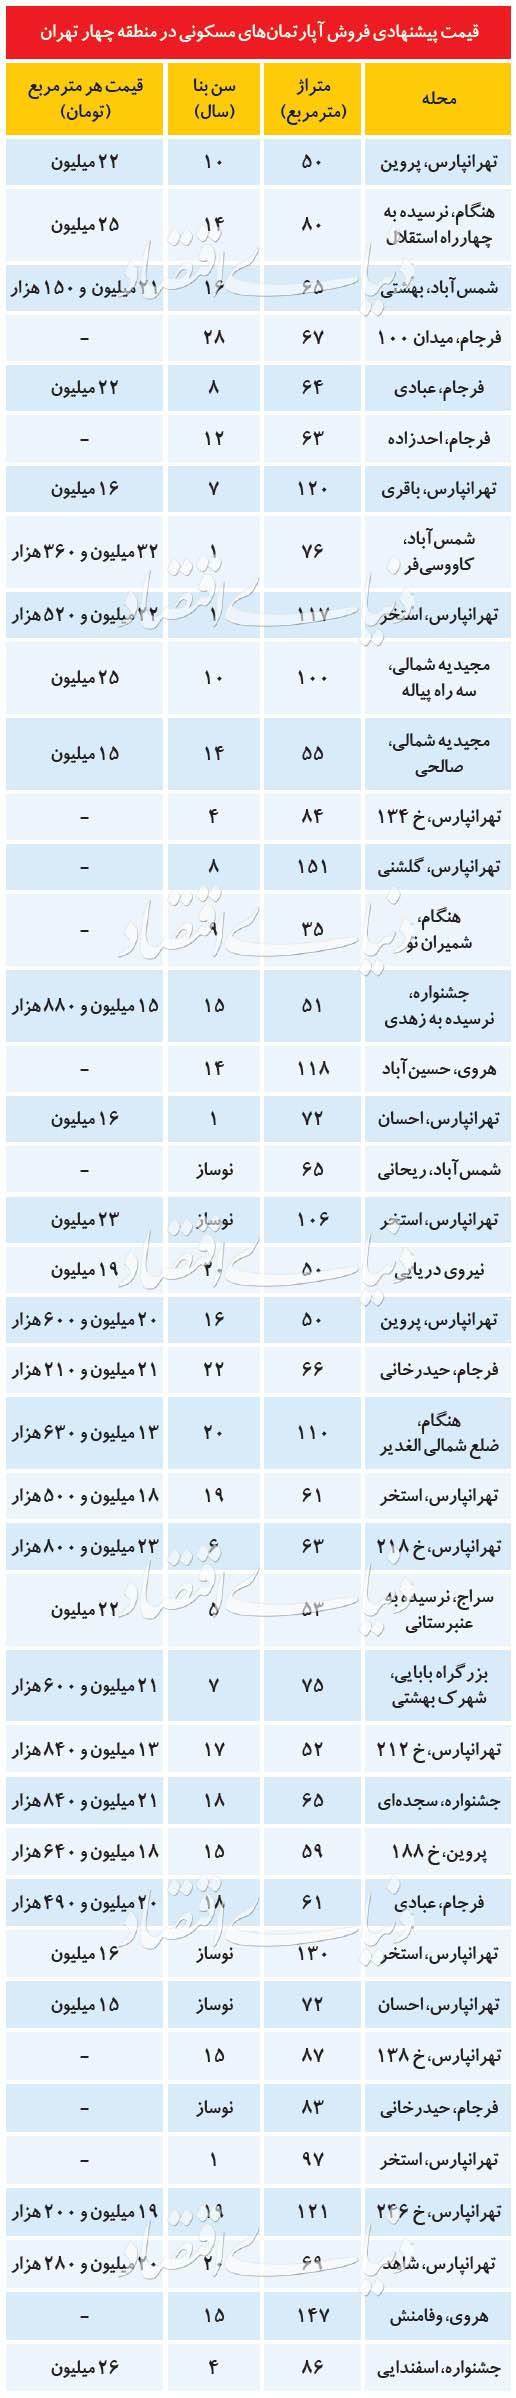 قیمت اجاره مسکن در تهران,اخبار اقتصادی,خبرهای اقتصادی,مسکن و عمران